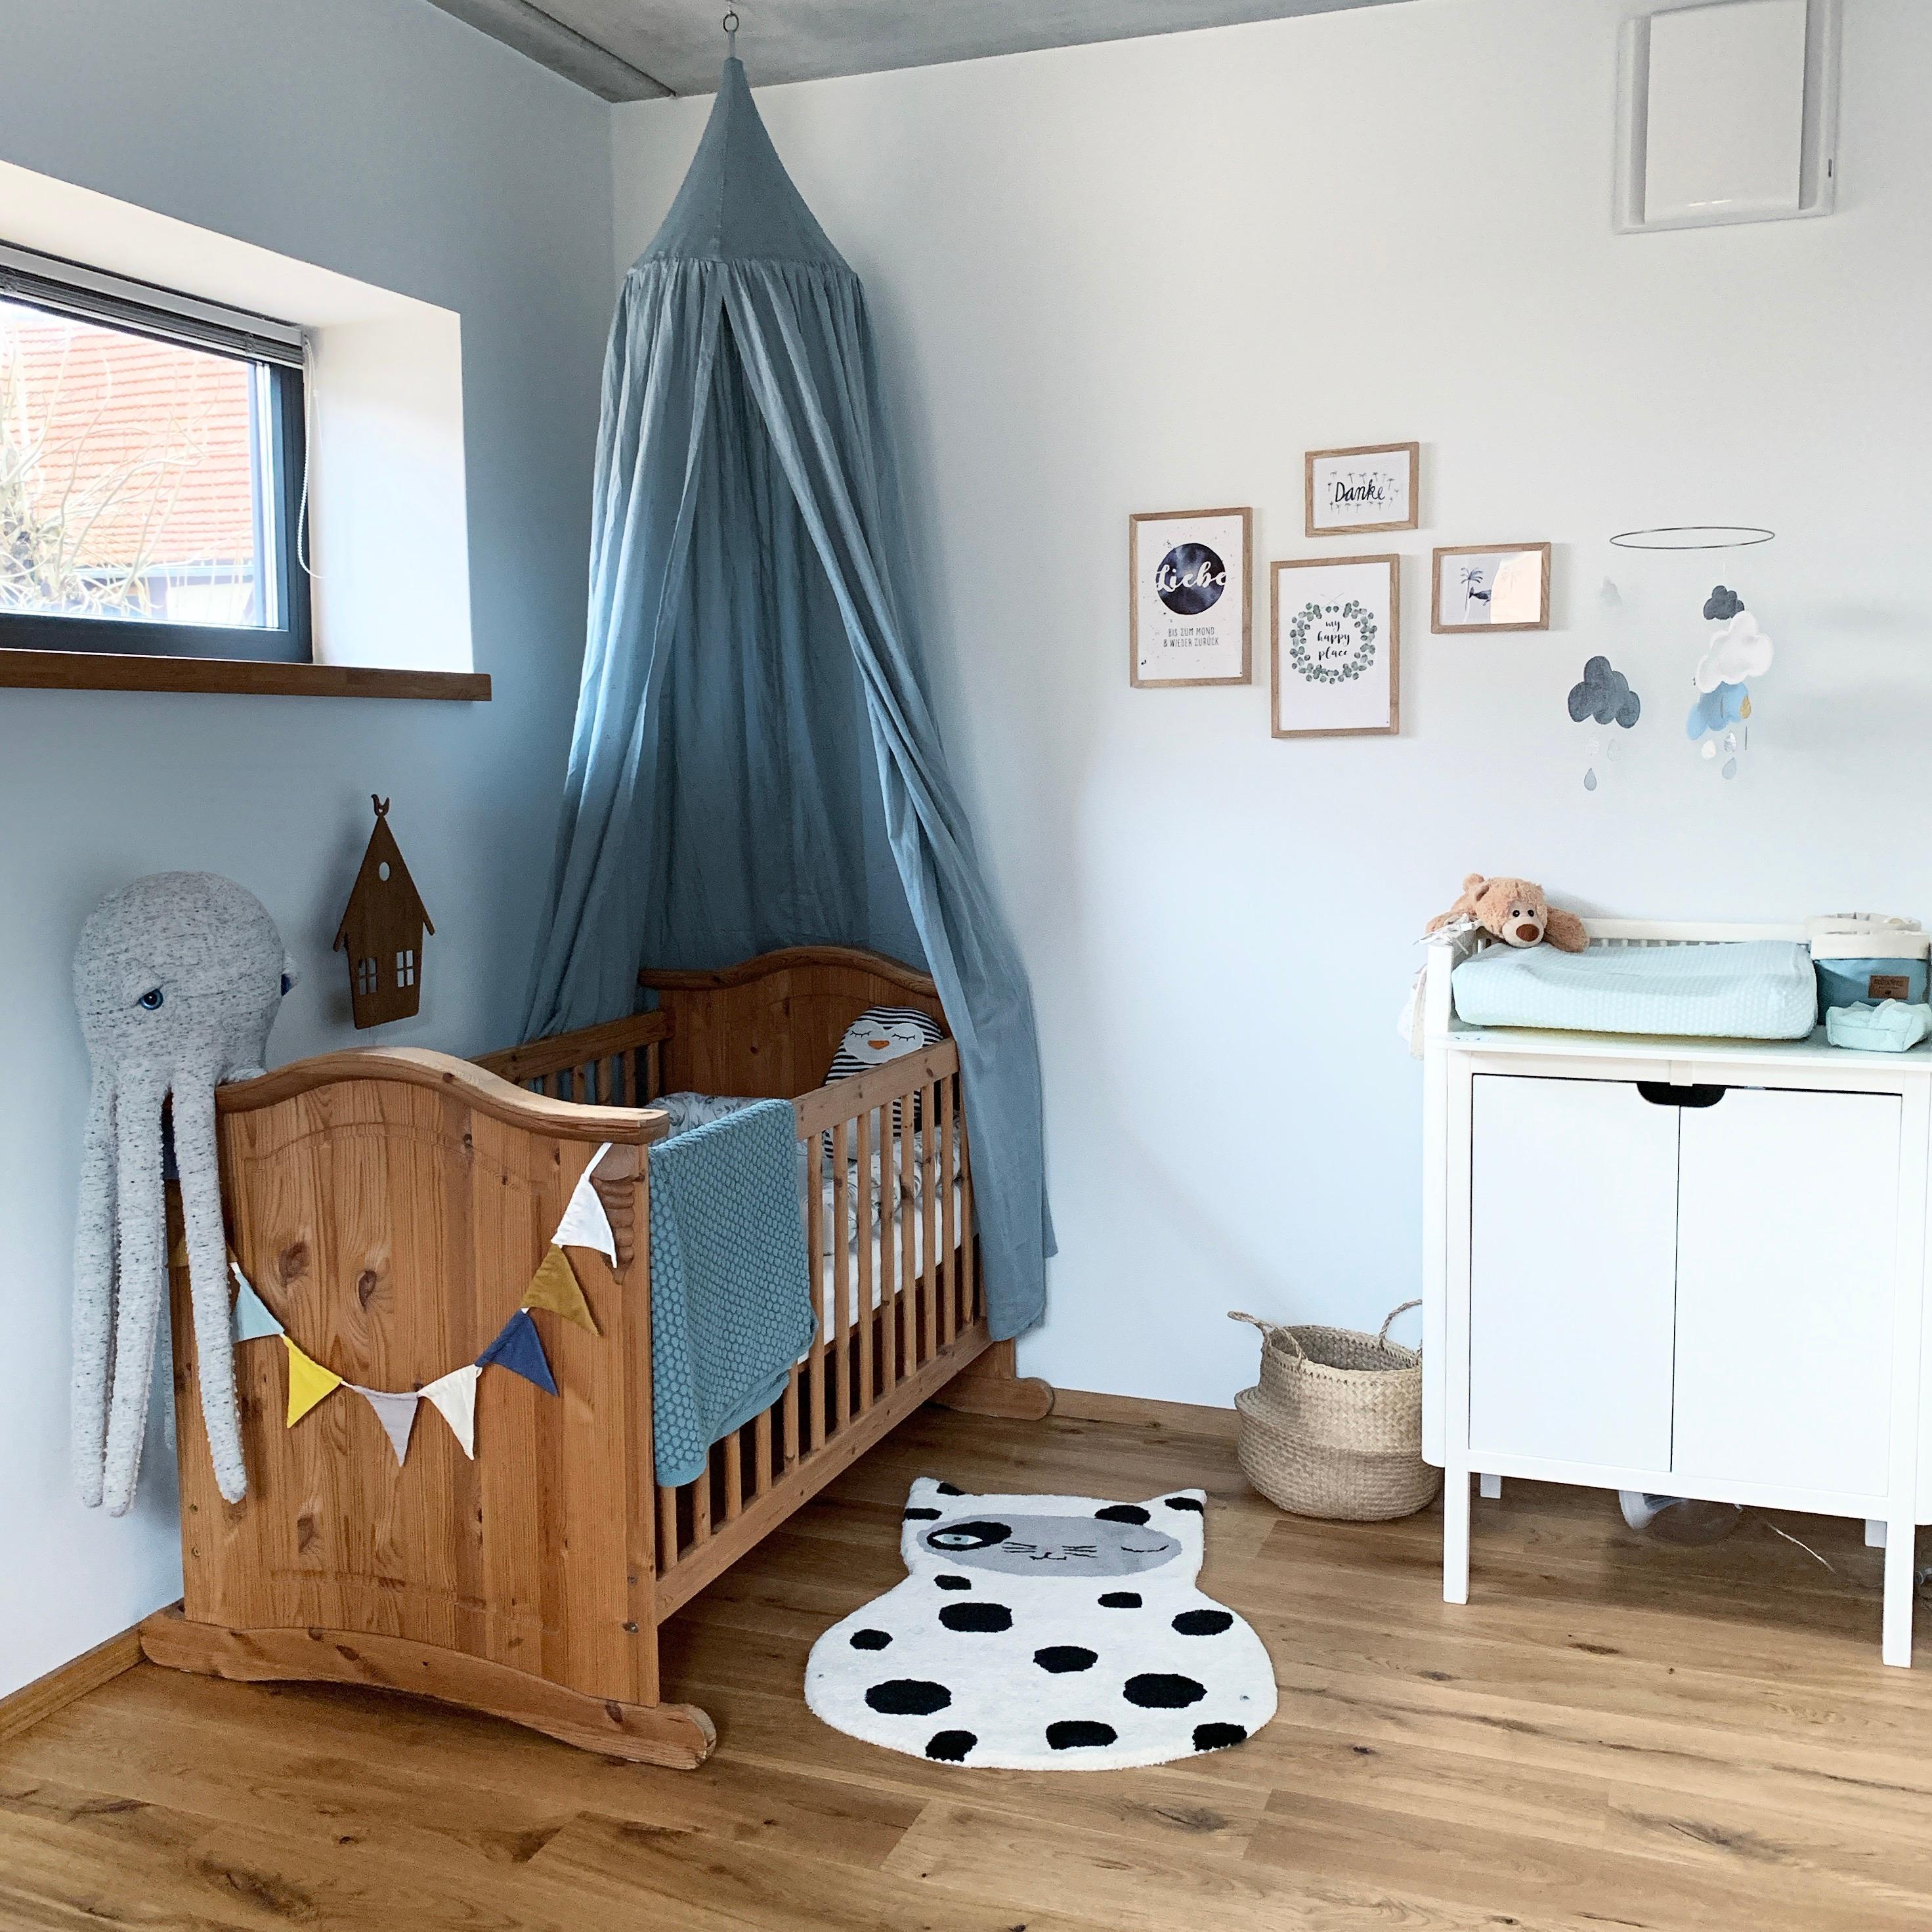 Kinderzimmer gem tlich einrichten so geht 39 s for Babyzimmer richtig einrichten